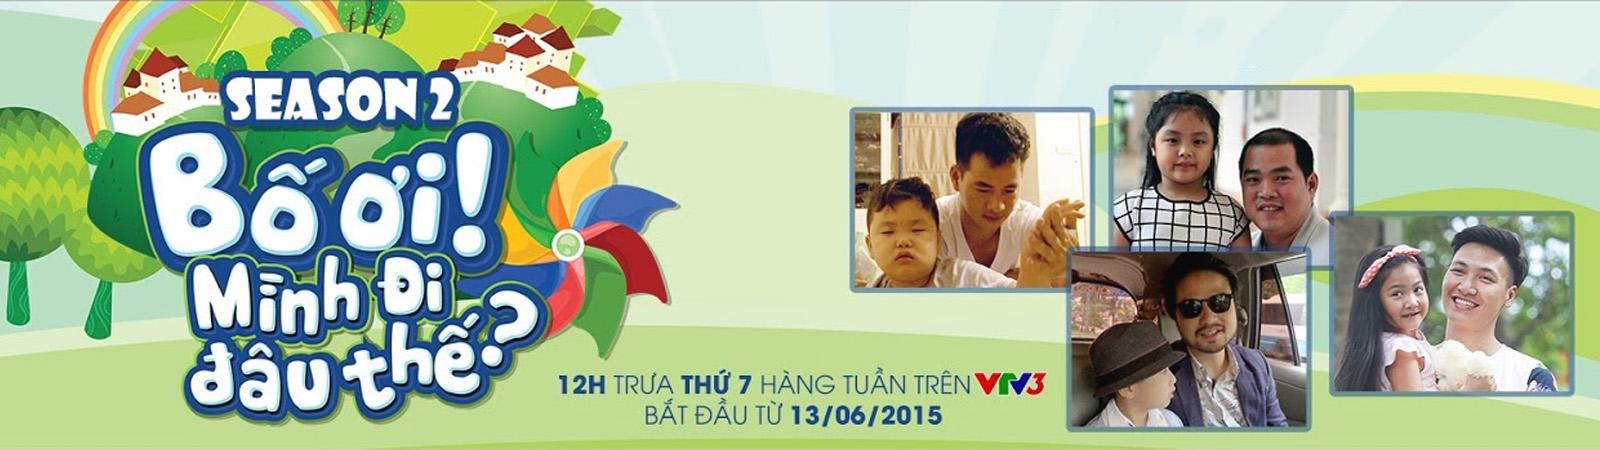 Tập 35 - Bố Ơi, Mình Đi Đâu Thế - Việt Nam